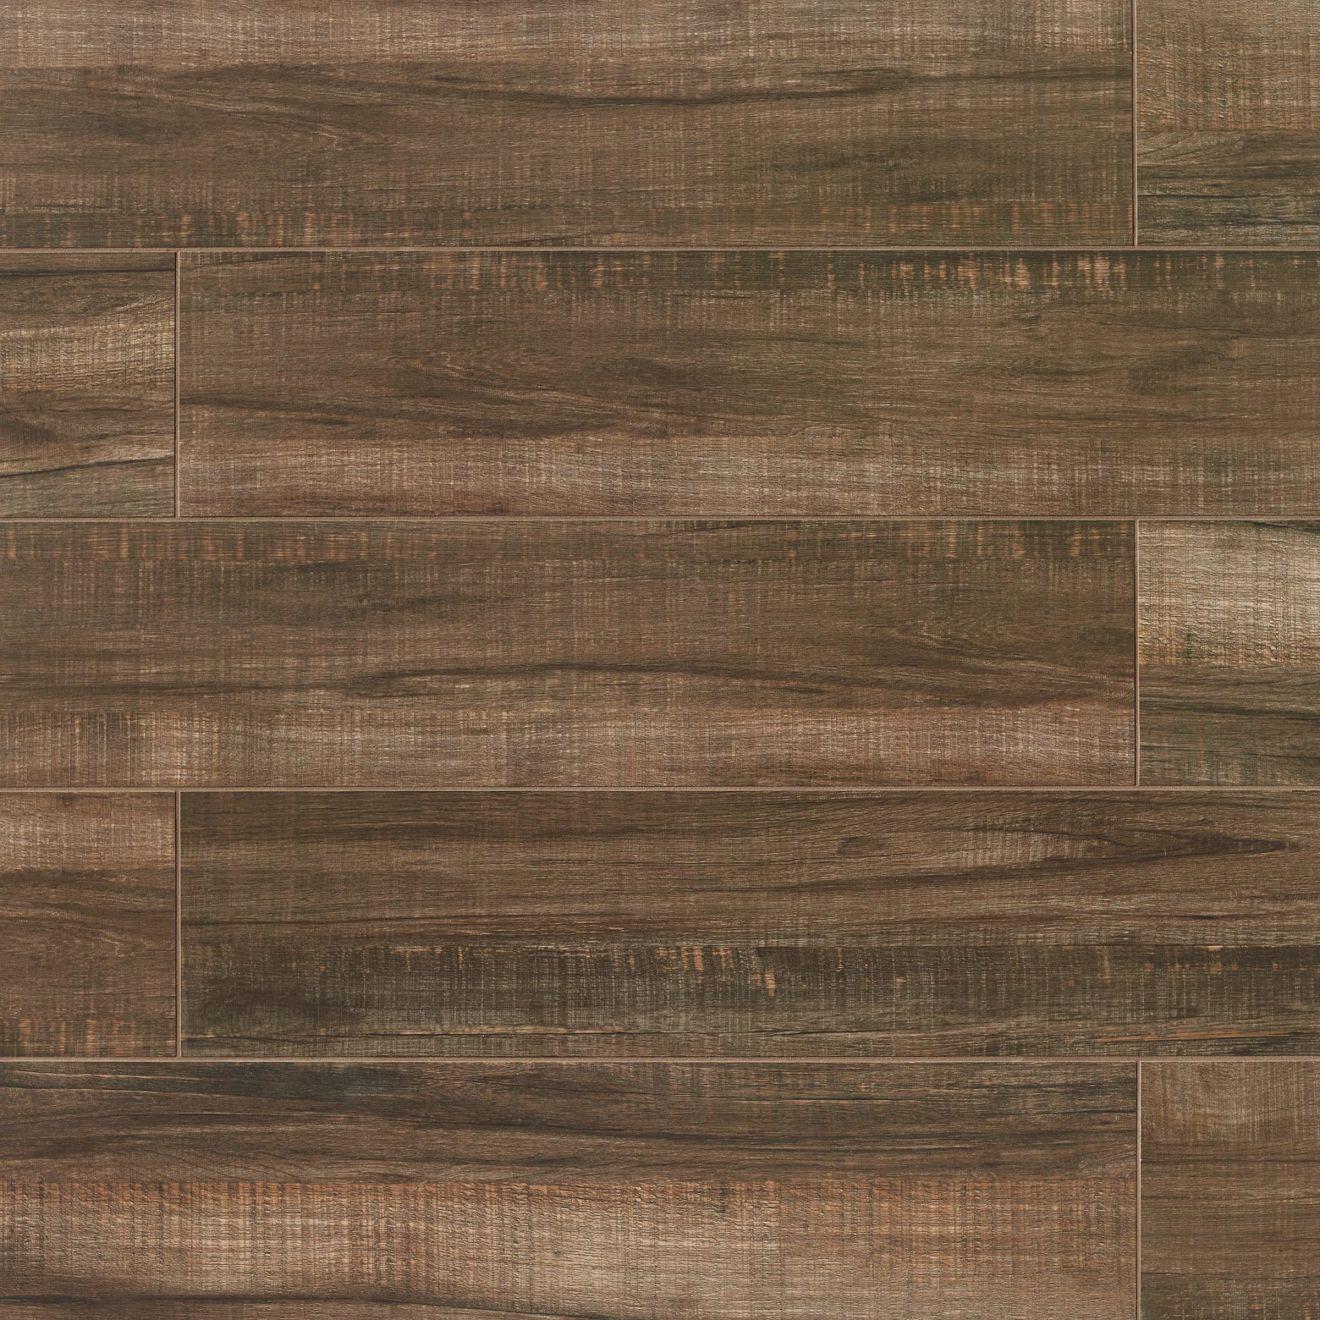 Forest 8 Quot X 36 Quot Floor Amp Wall Tile In Cherry Bedrosians